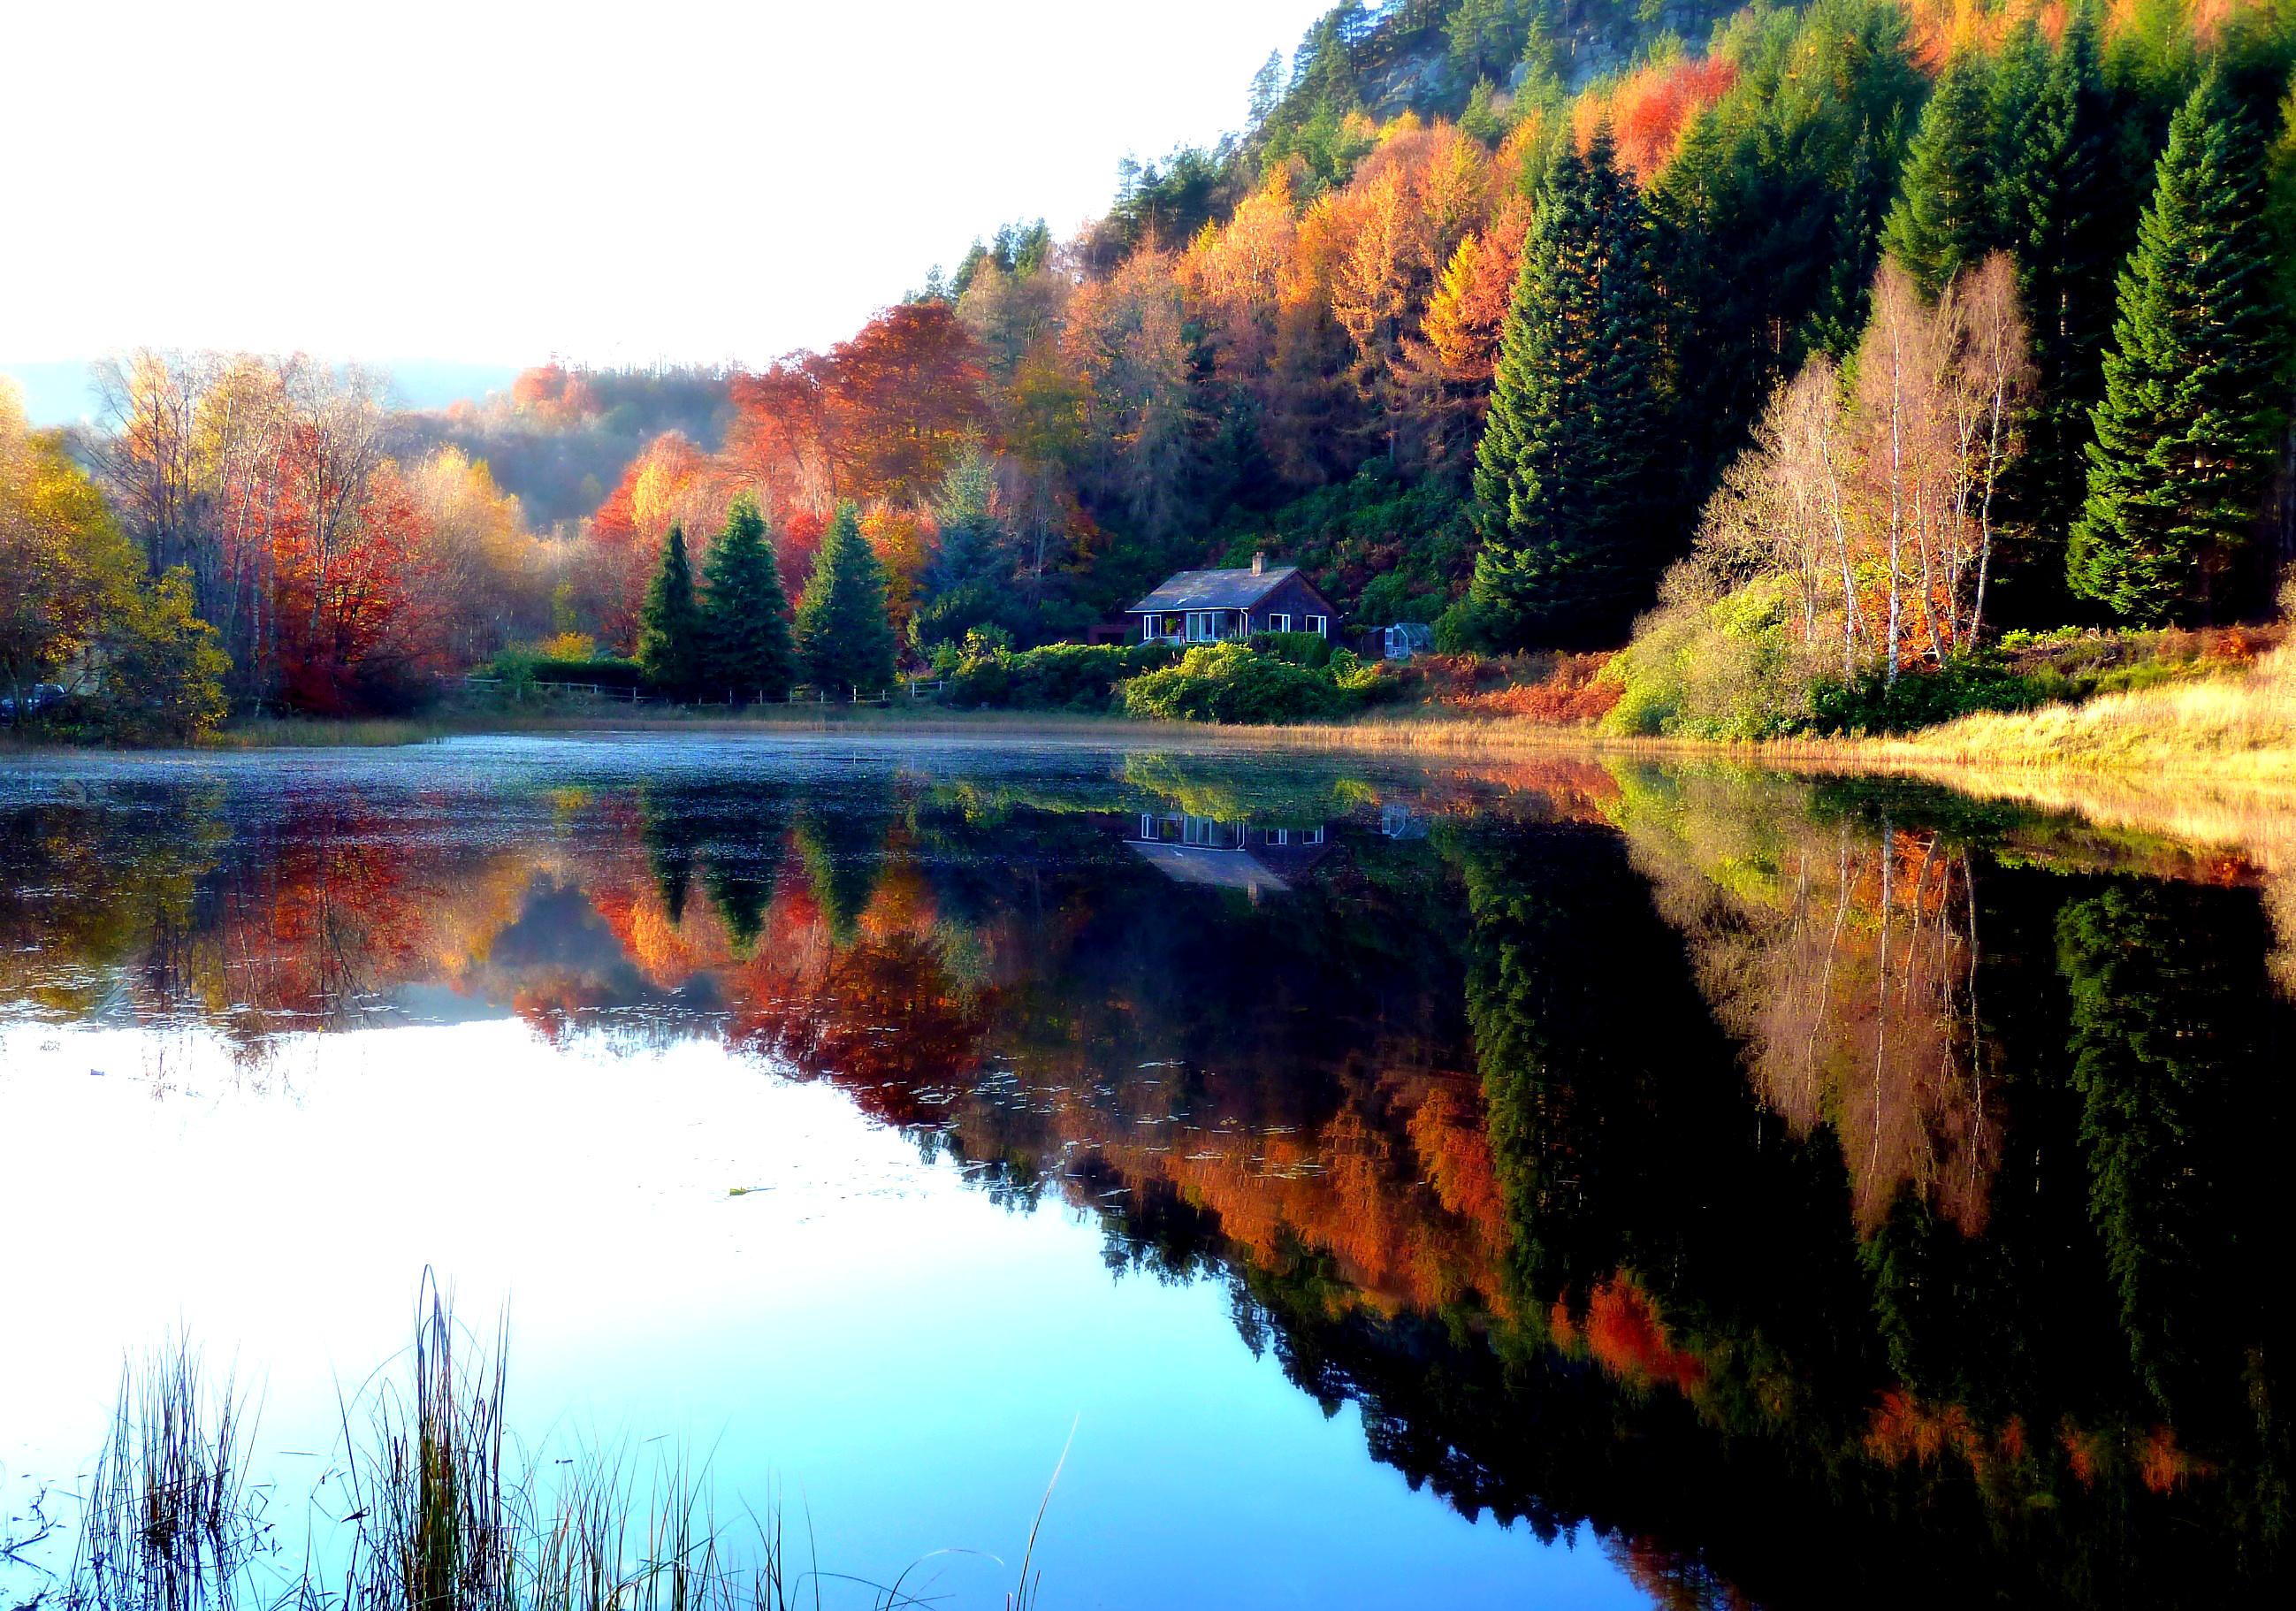 природа озеро дом лес деревья  № 2447913 загрузить